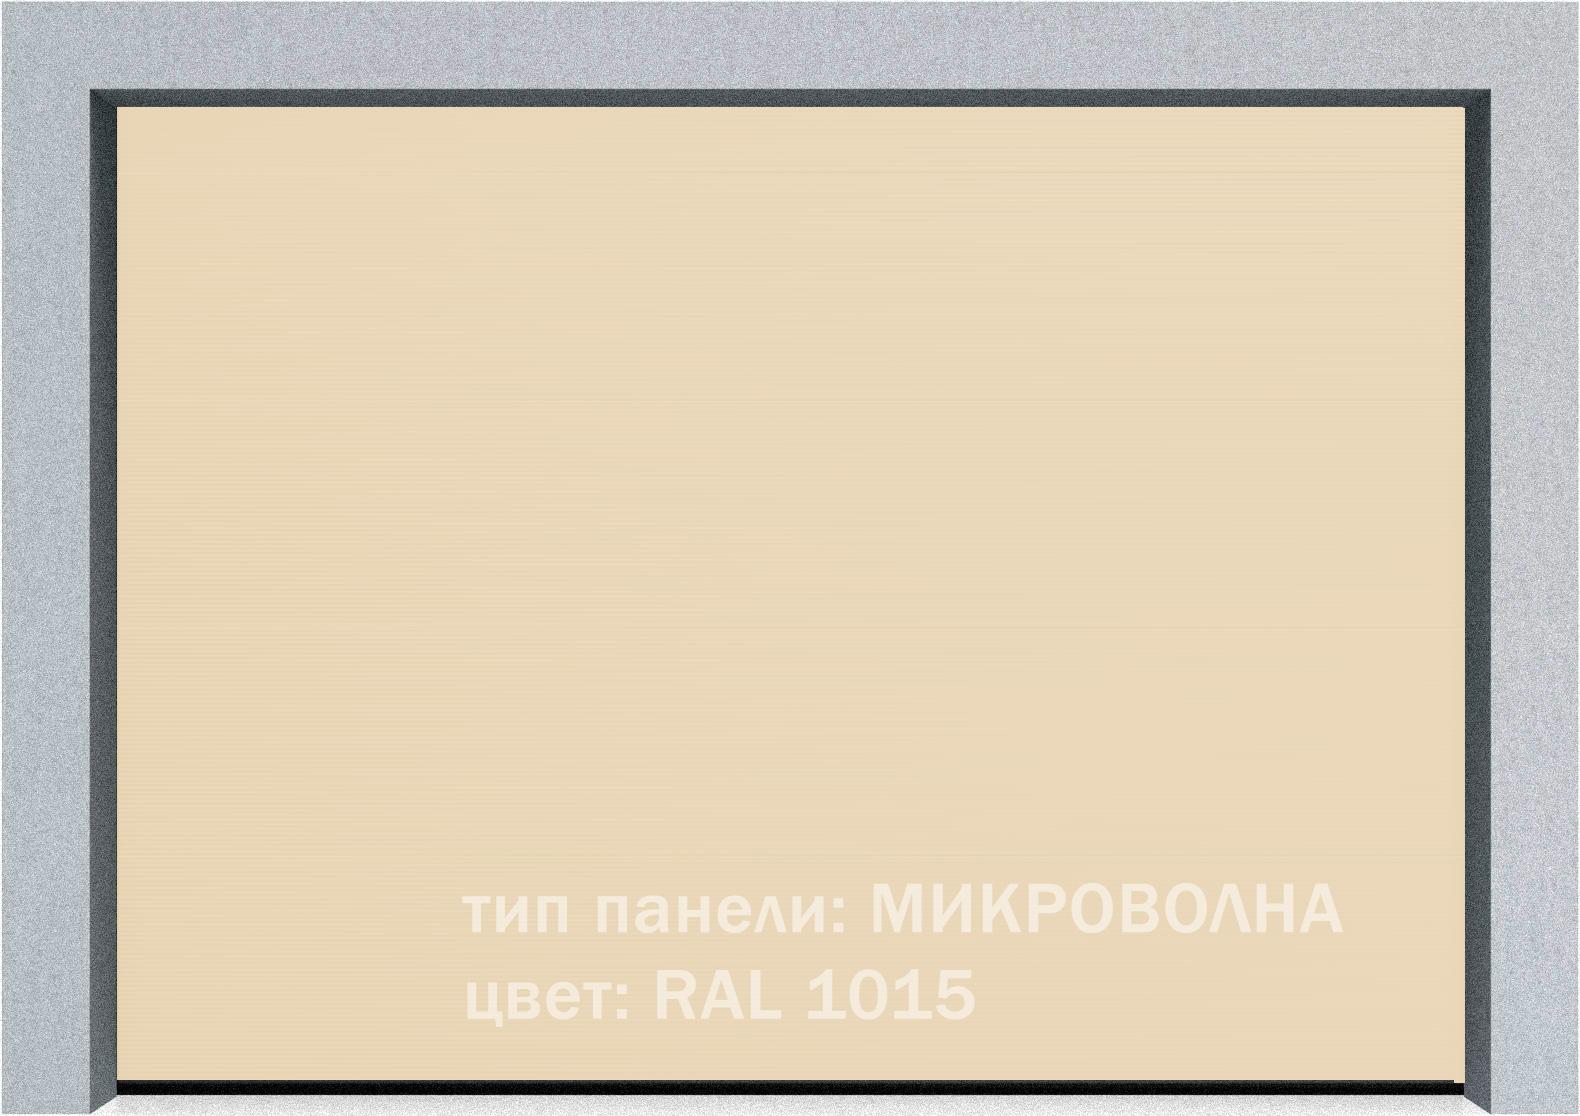 Секционные промышленные ворота Alutech ProTrend 2750х2250 S-гофр, Микроволна стандартные цвета, фото 14